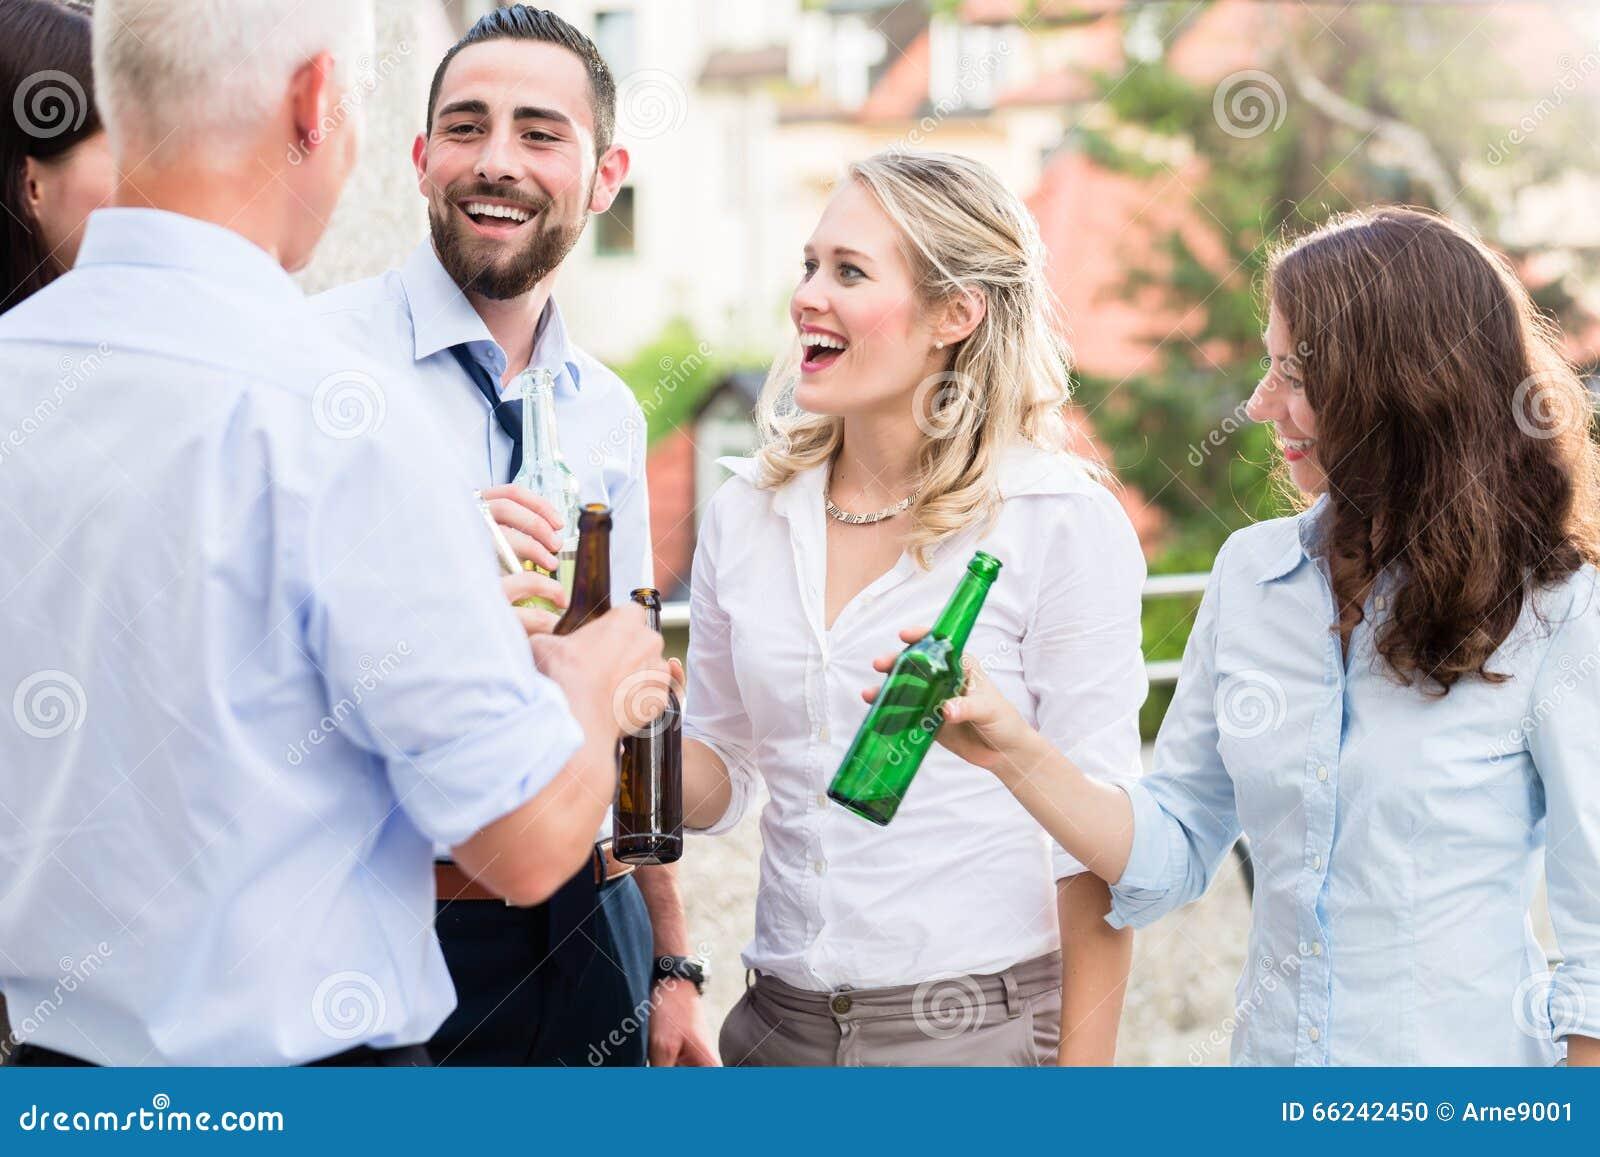 Burokollegen Die Nach Der Arbeit Bier Trinken Stockfoto Bild Von